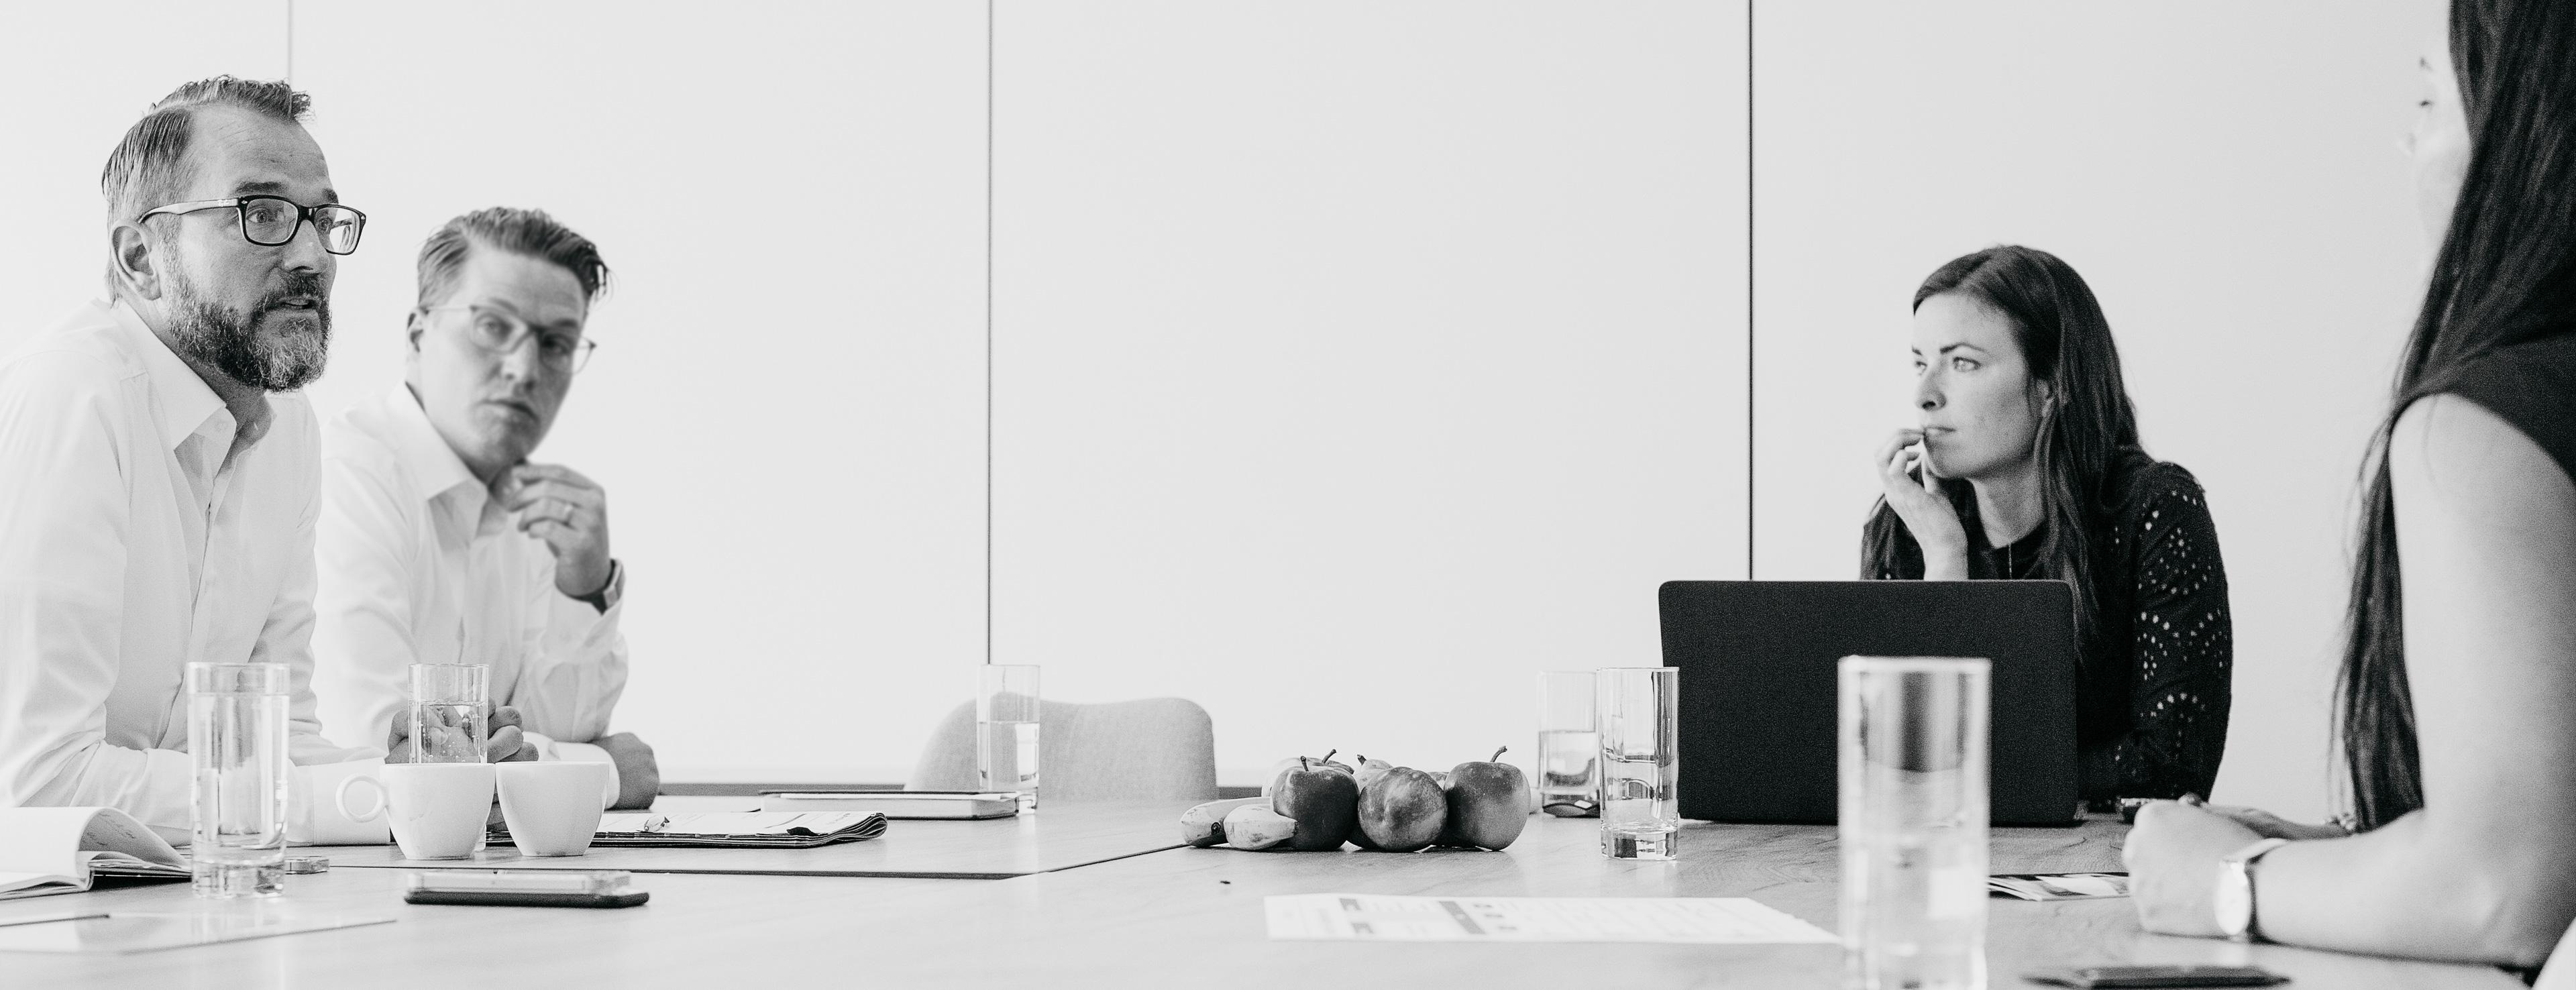 porsche karriere bei porsche deutschland porsche deutschland. Black Bedroom Furniture Sets. Home Design Ideas